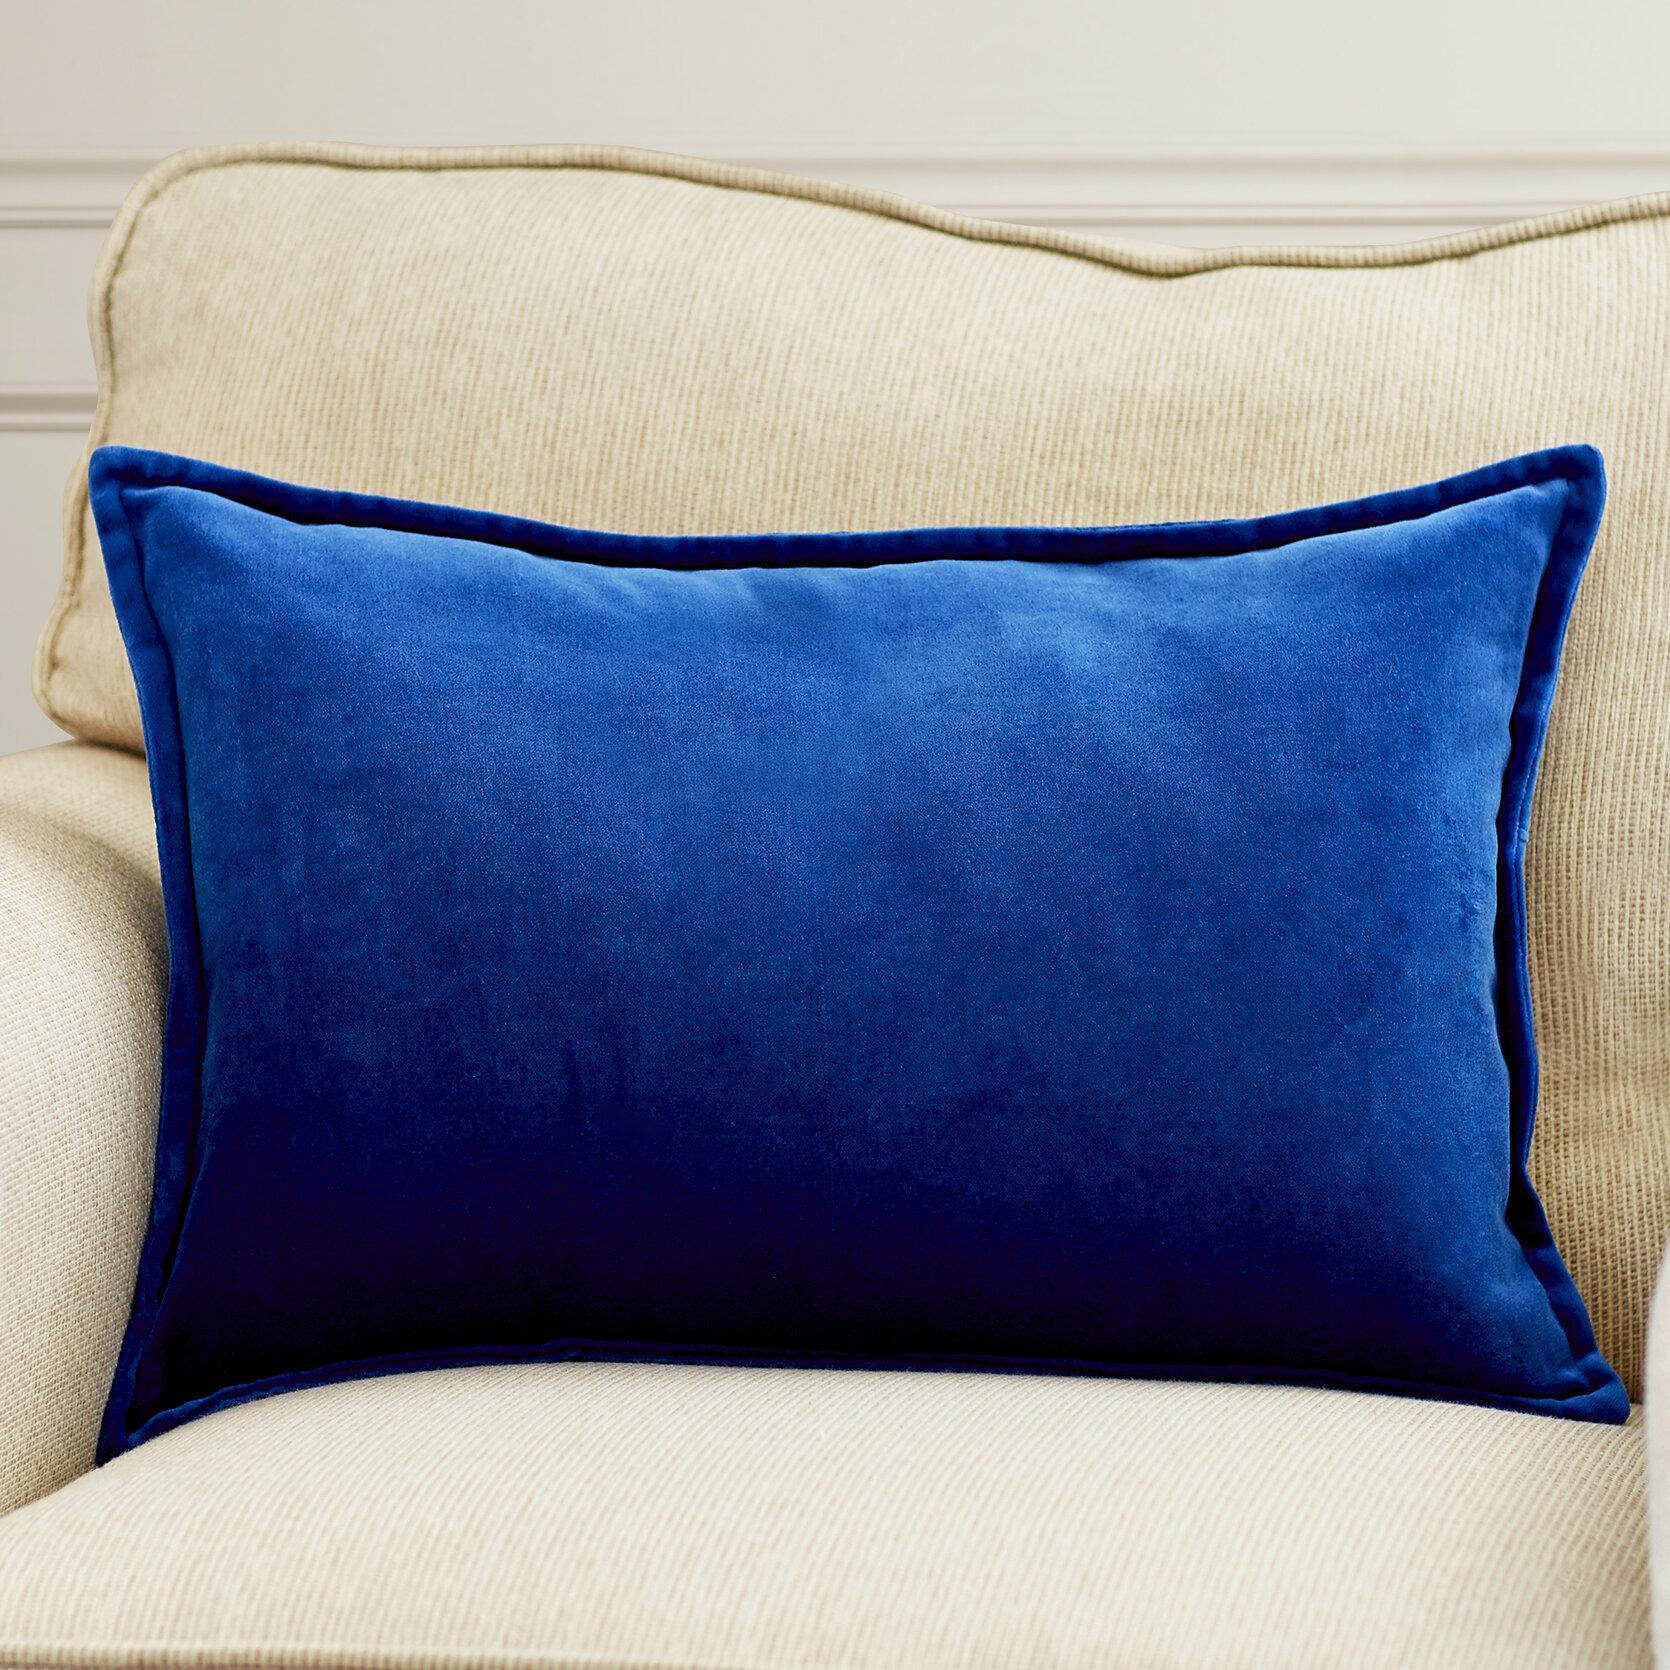 Mercer41 Velvet Lumbar Pillow   Reviews  ab3715832259